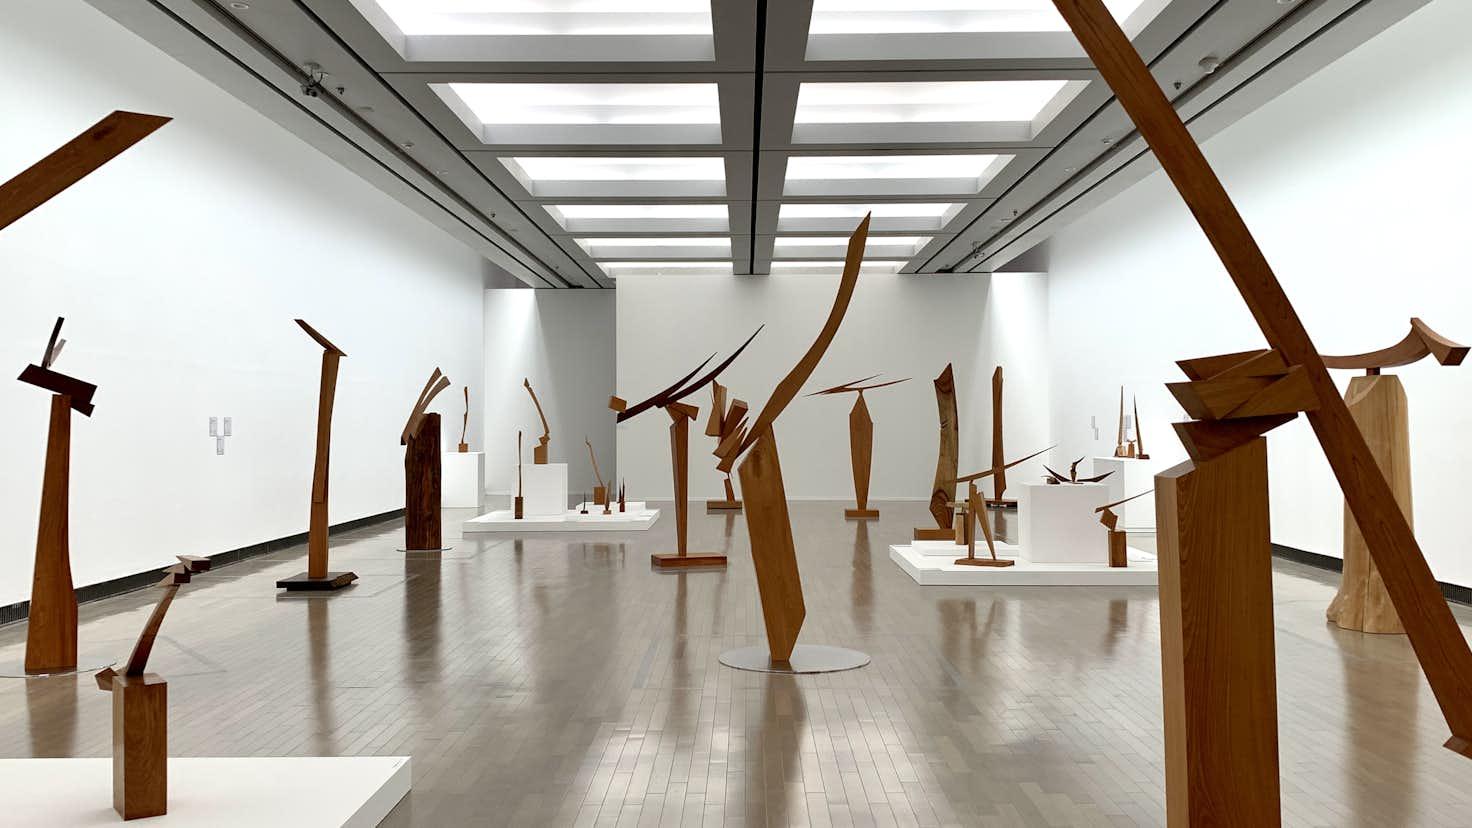 澄川喜一が見せる「そりとむくり」。大規模個展が横浜美術館で開幕 ...